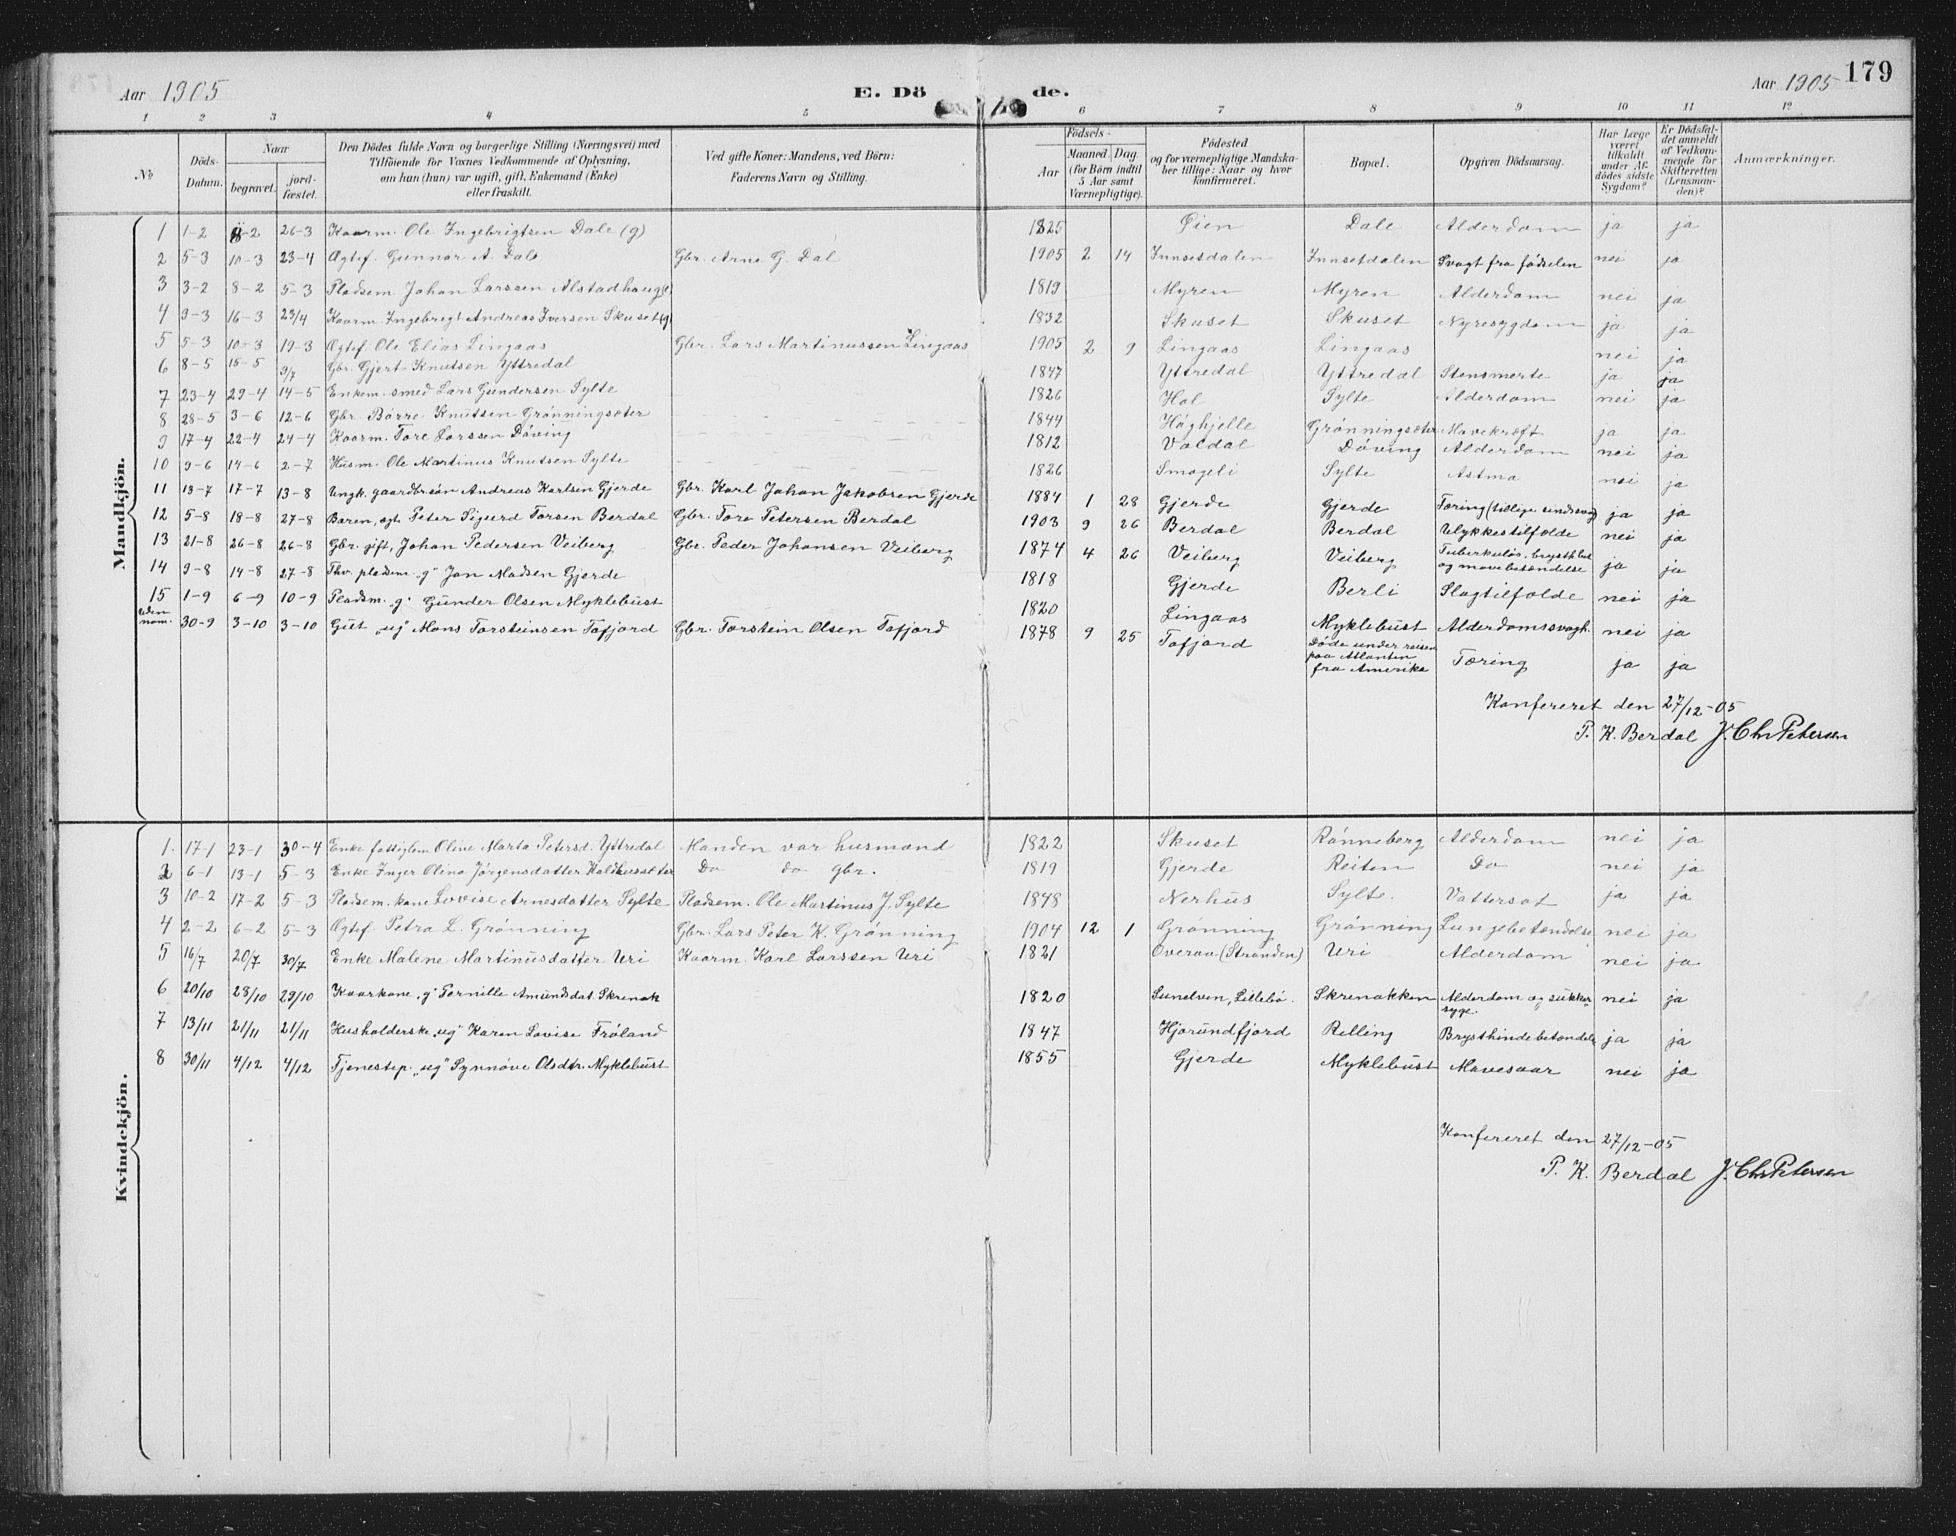 SAT, Ministerialprotokoller, klokkerbøker og fødselsregistre - Møre og Romsdal, 519/L0264: Klokkerbok nr. 519C05, 1892-1910, s. 179